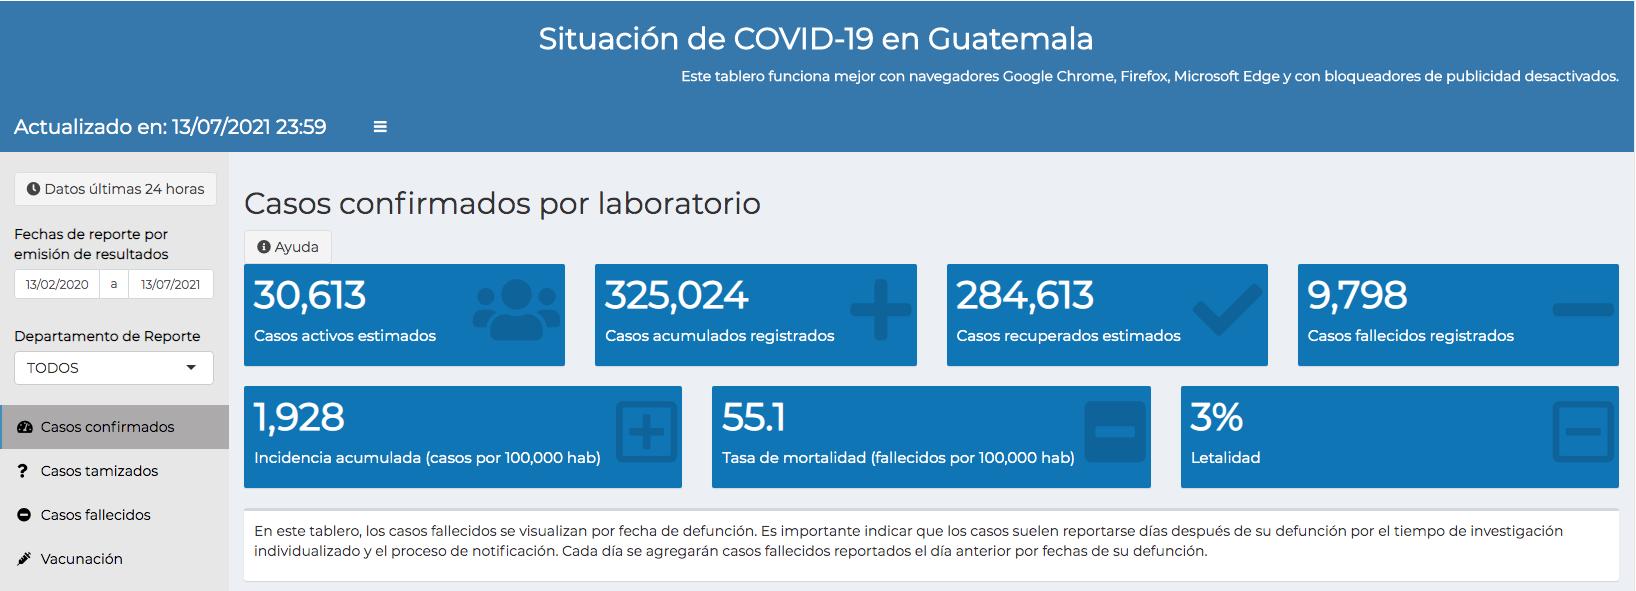 casos de coronavirus hasta el 14 de julio